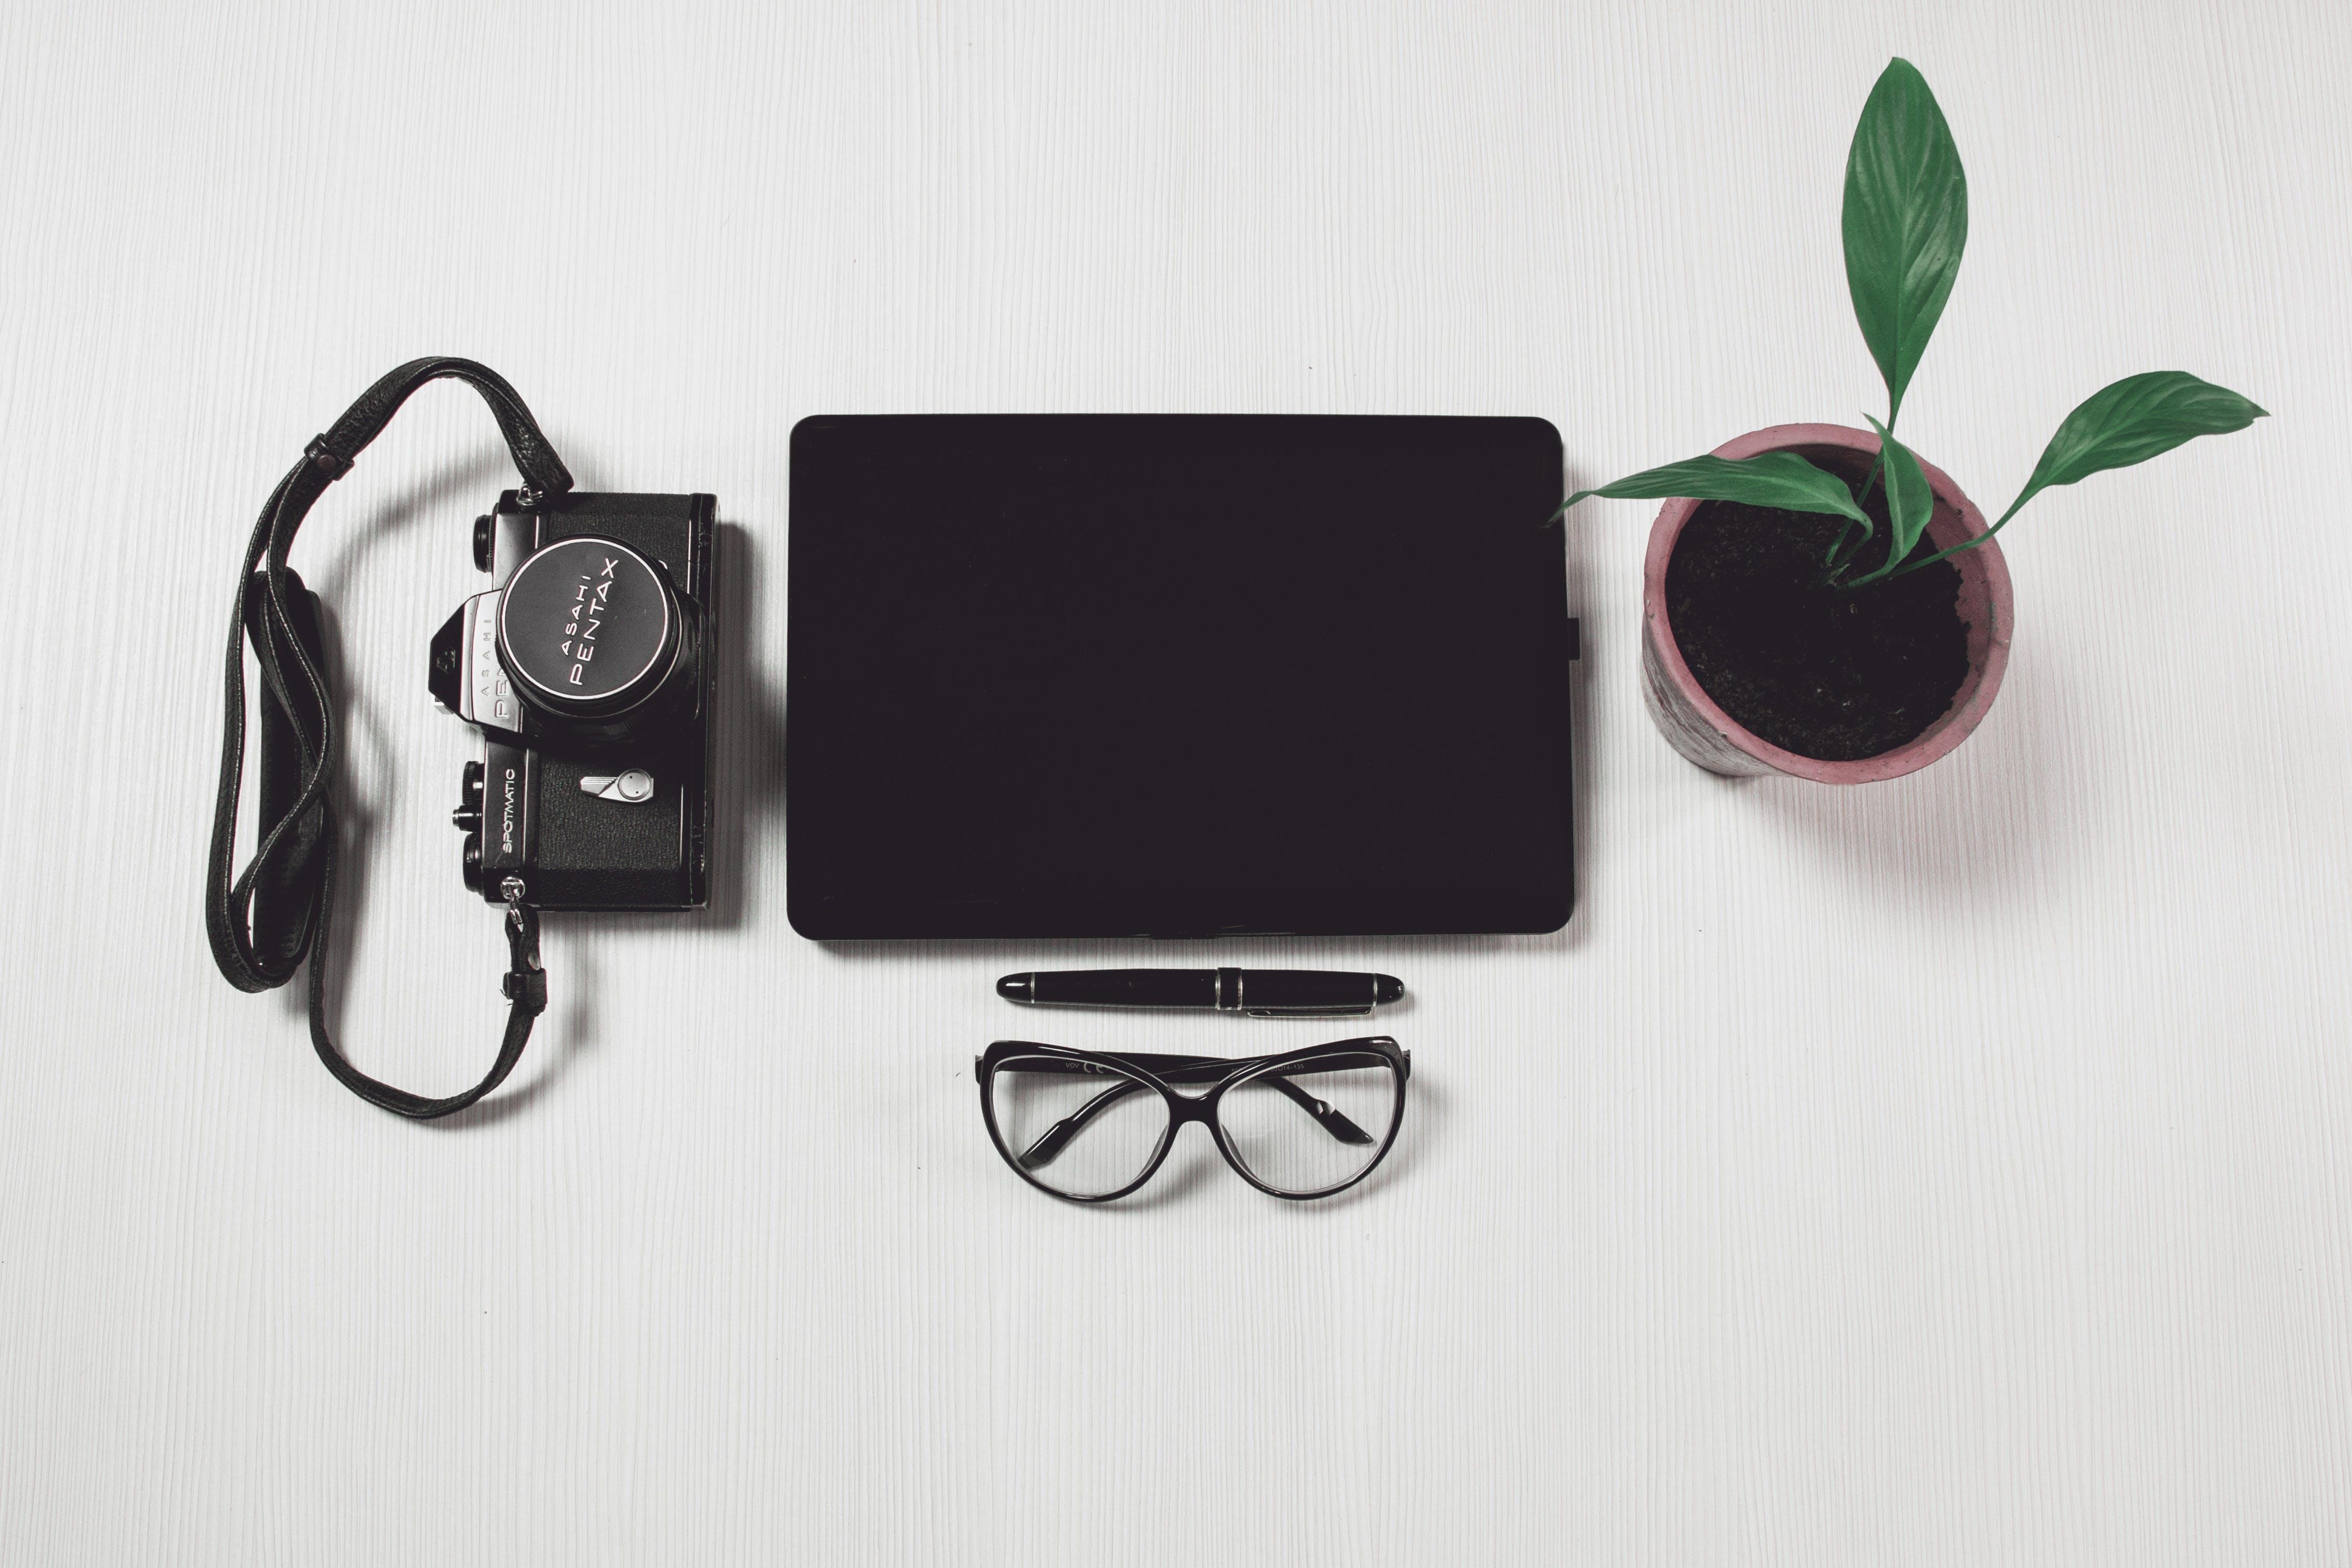 Kostenloses Stock Foto zu anstellung, arbeit, ausrüstung, bildschirm